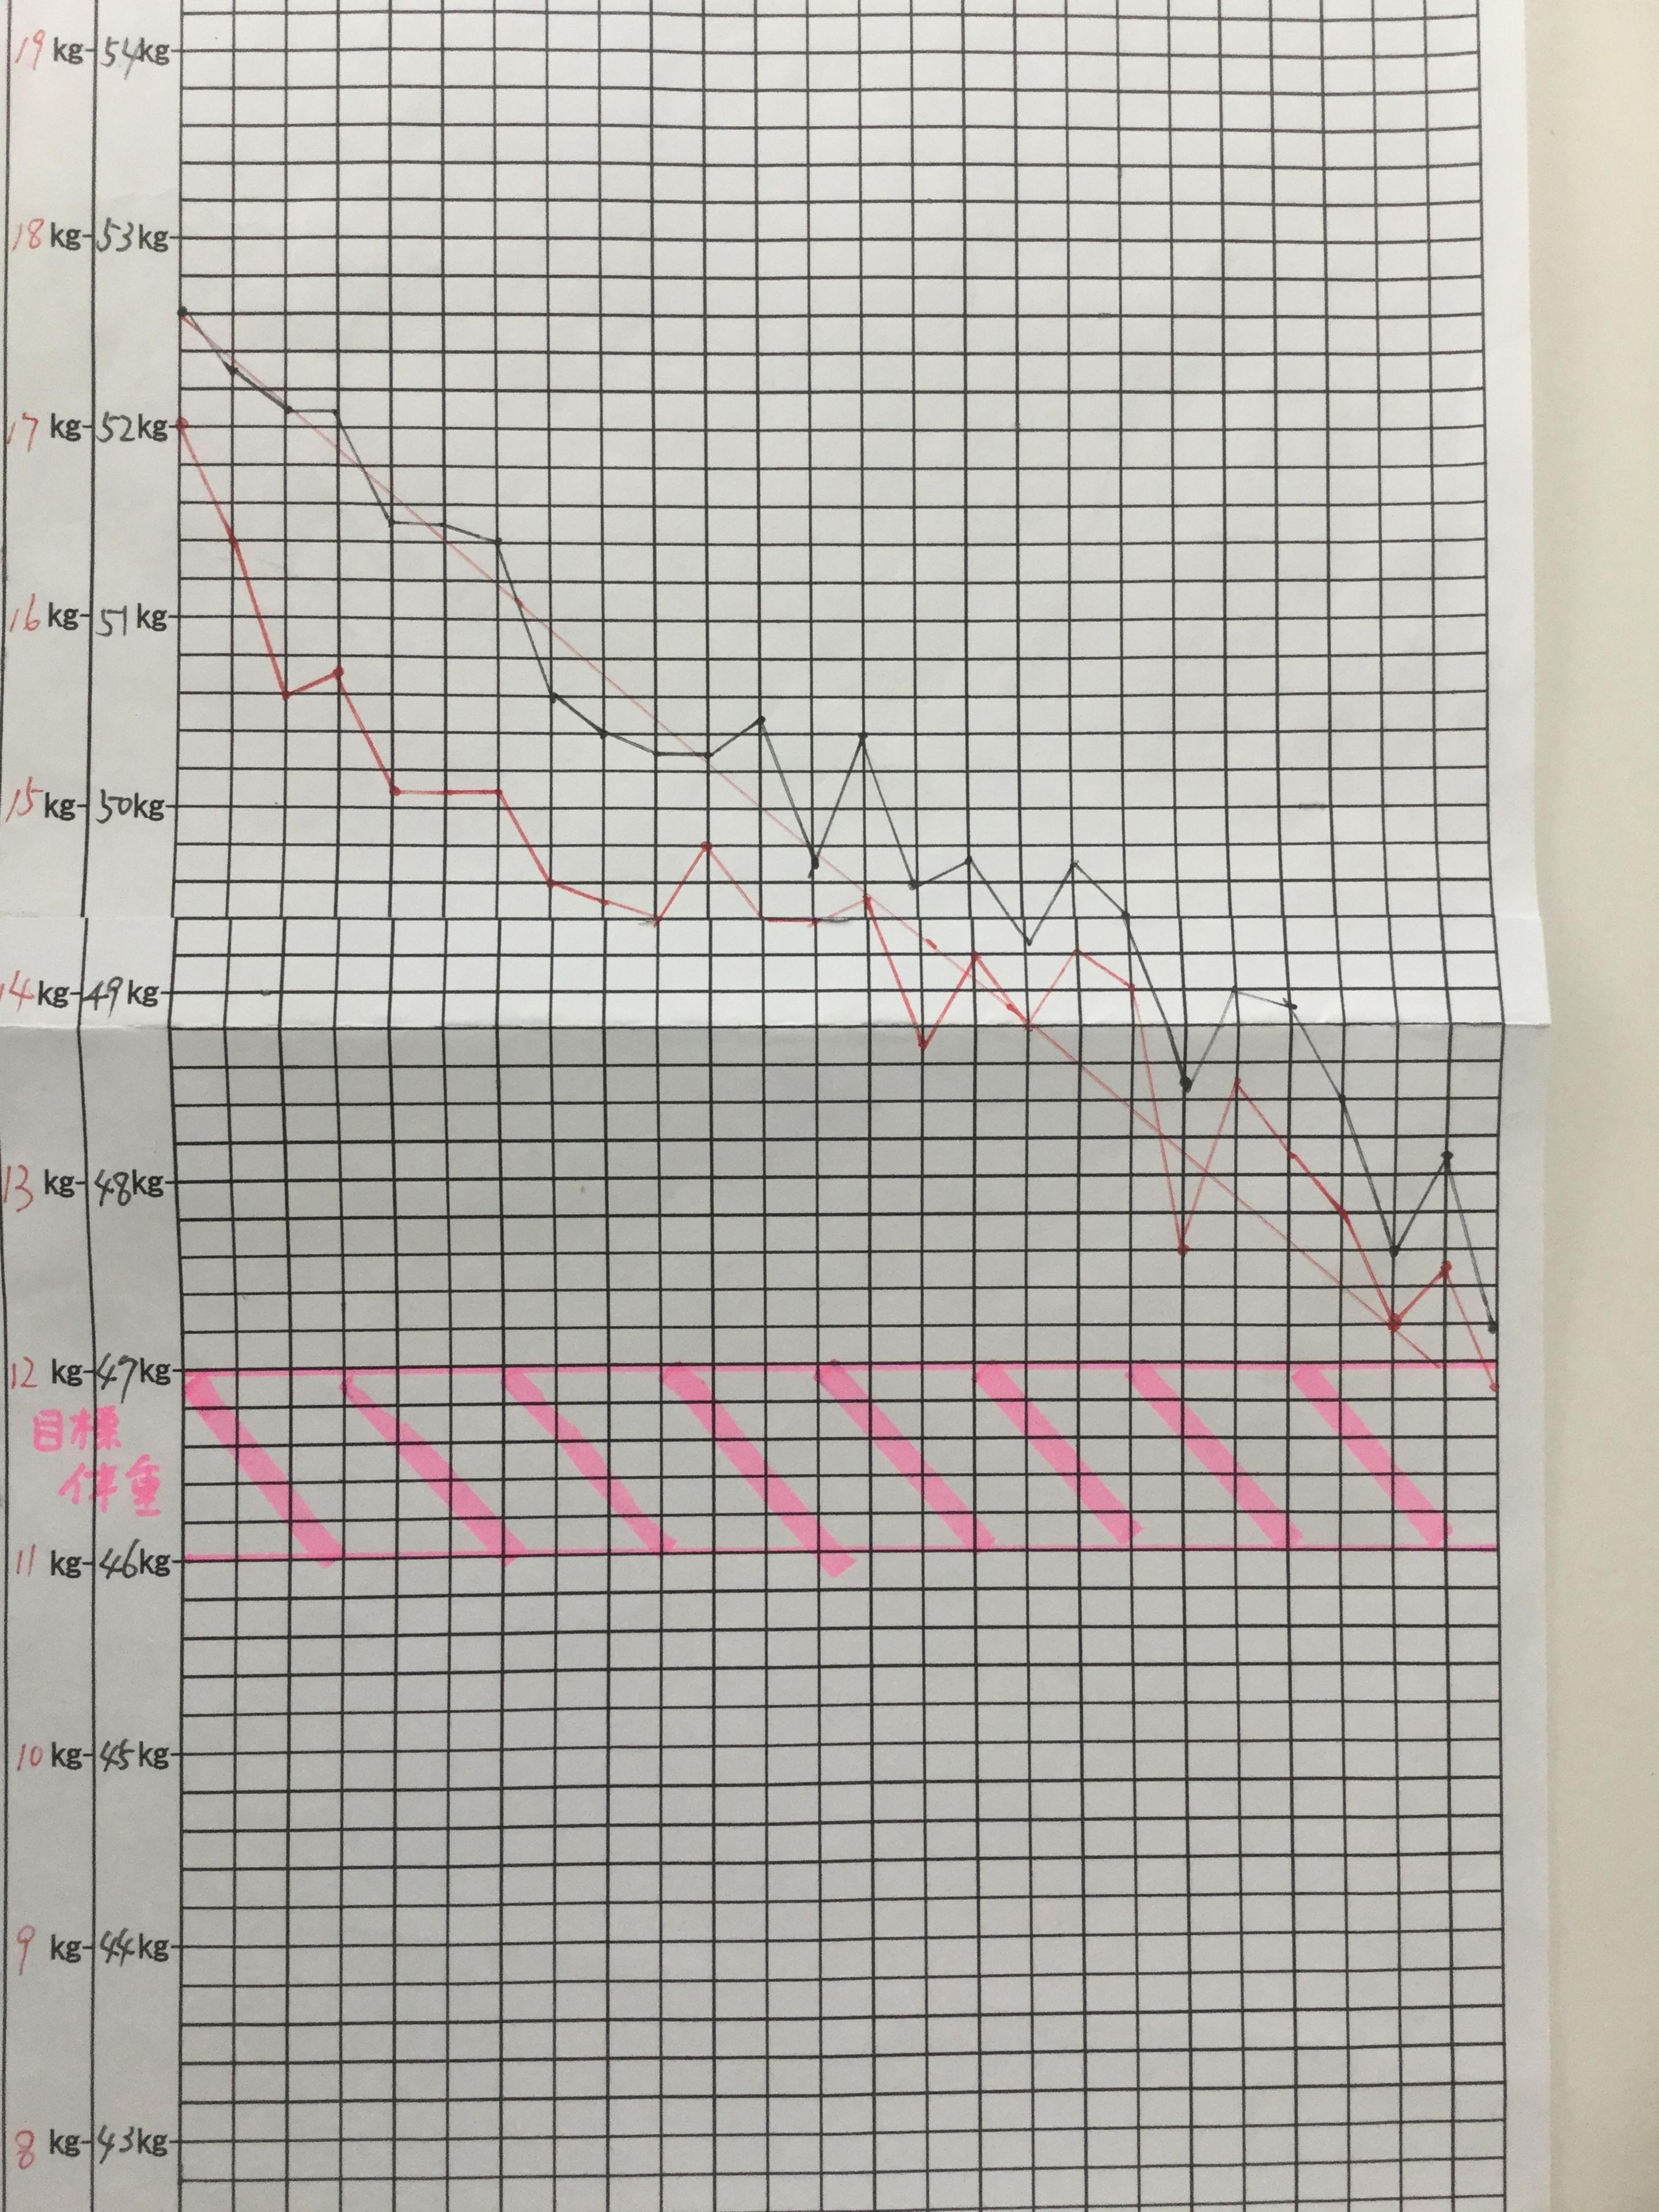 ヘルシー耳ツボダイエットのグラフ